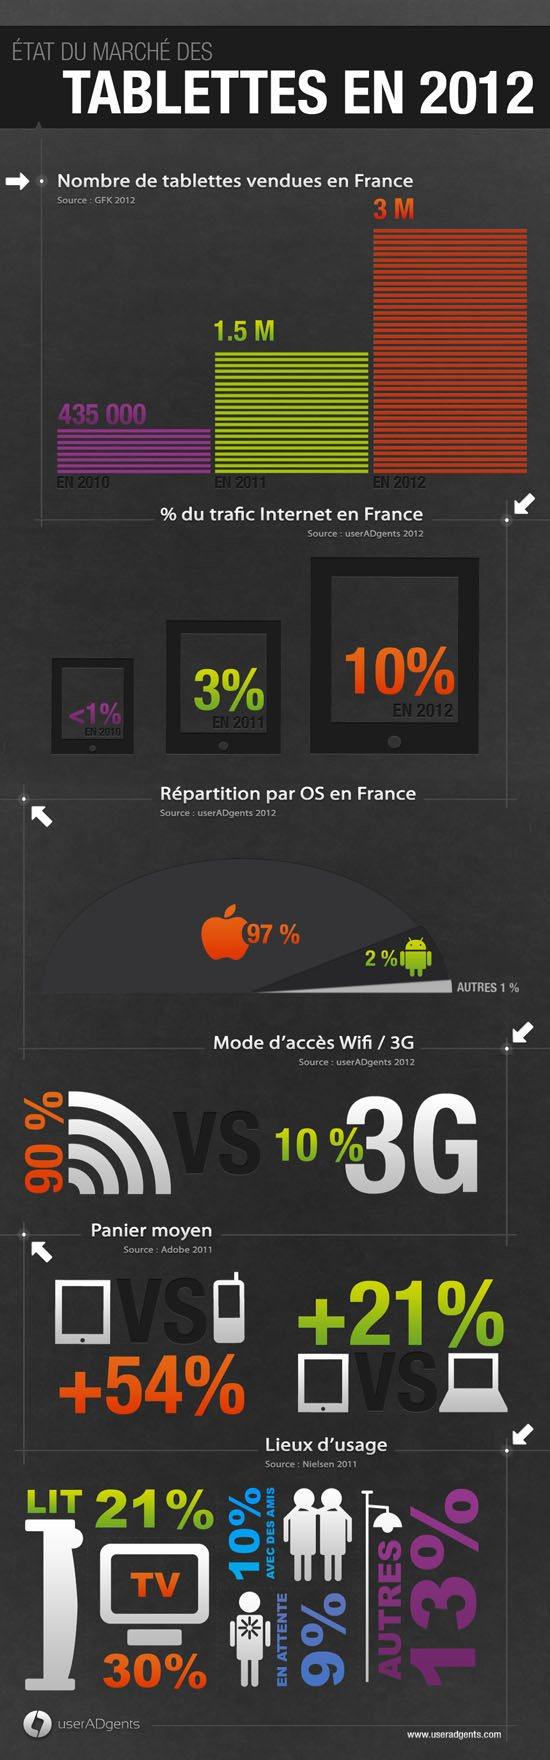 Les ventes de tablettes tactiles devraient doubler en 2012